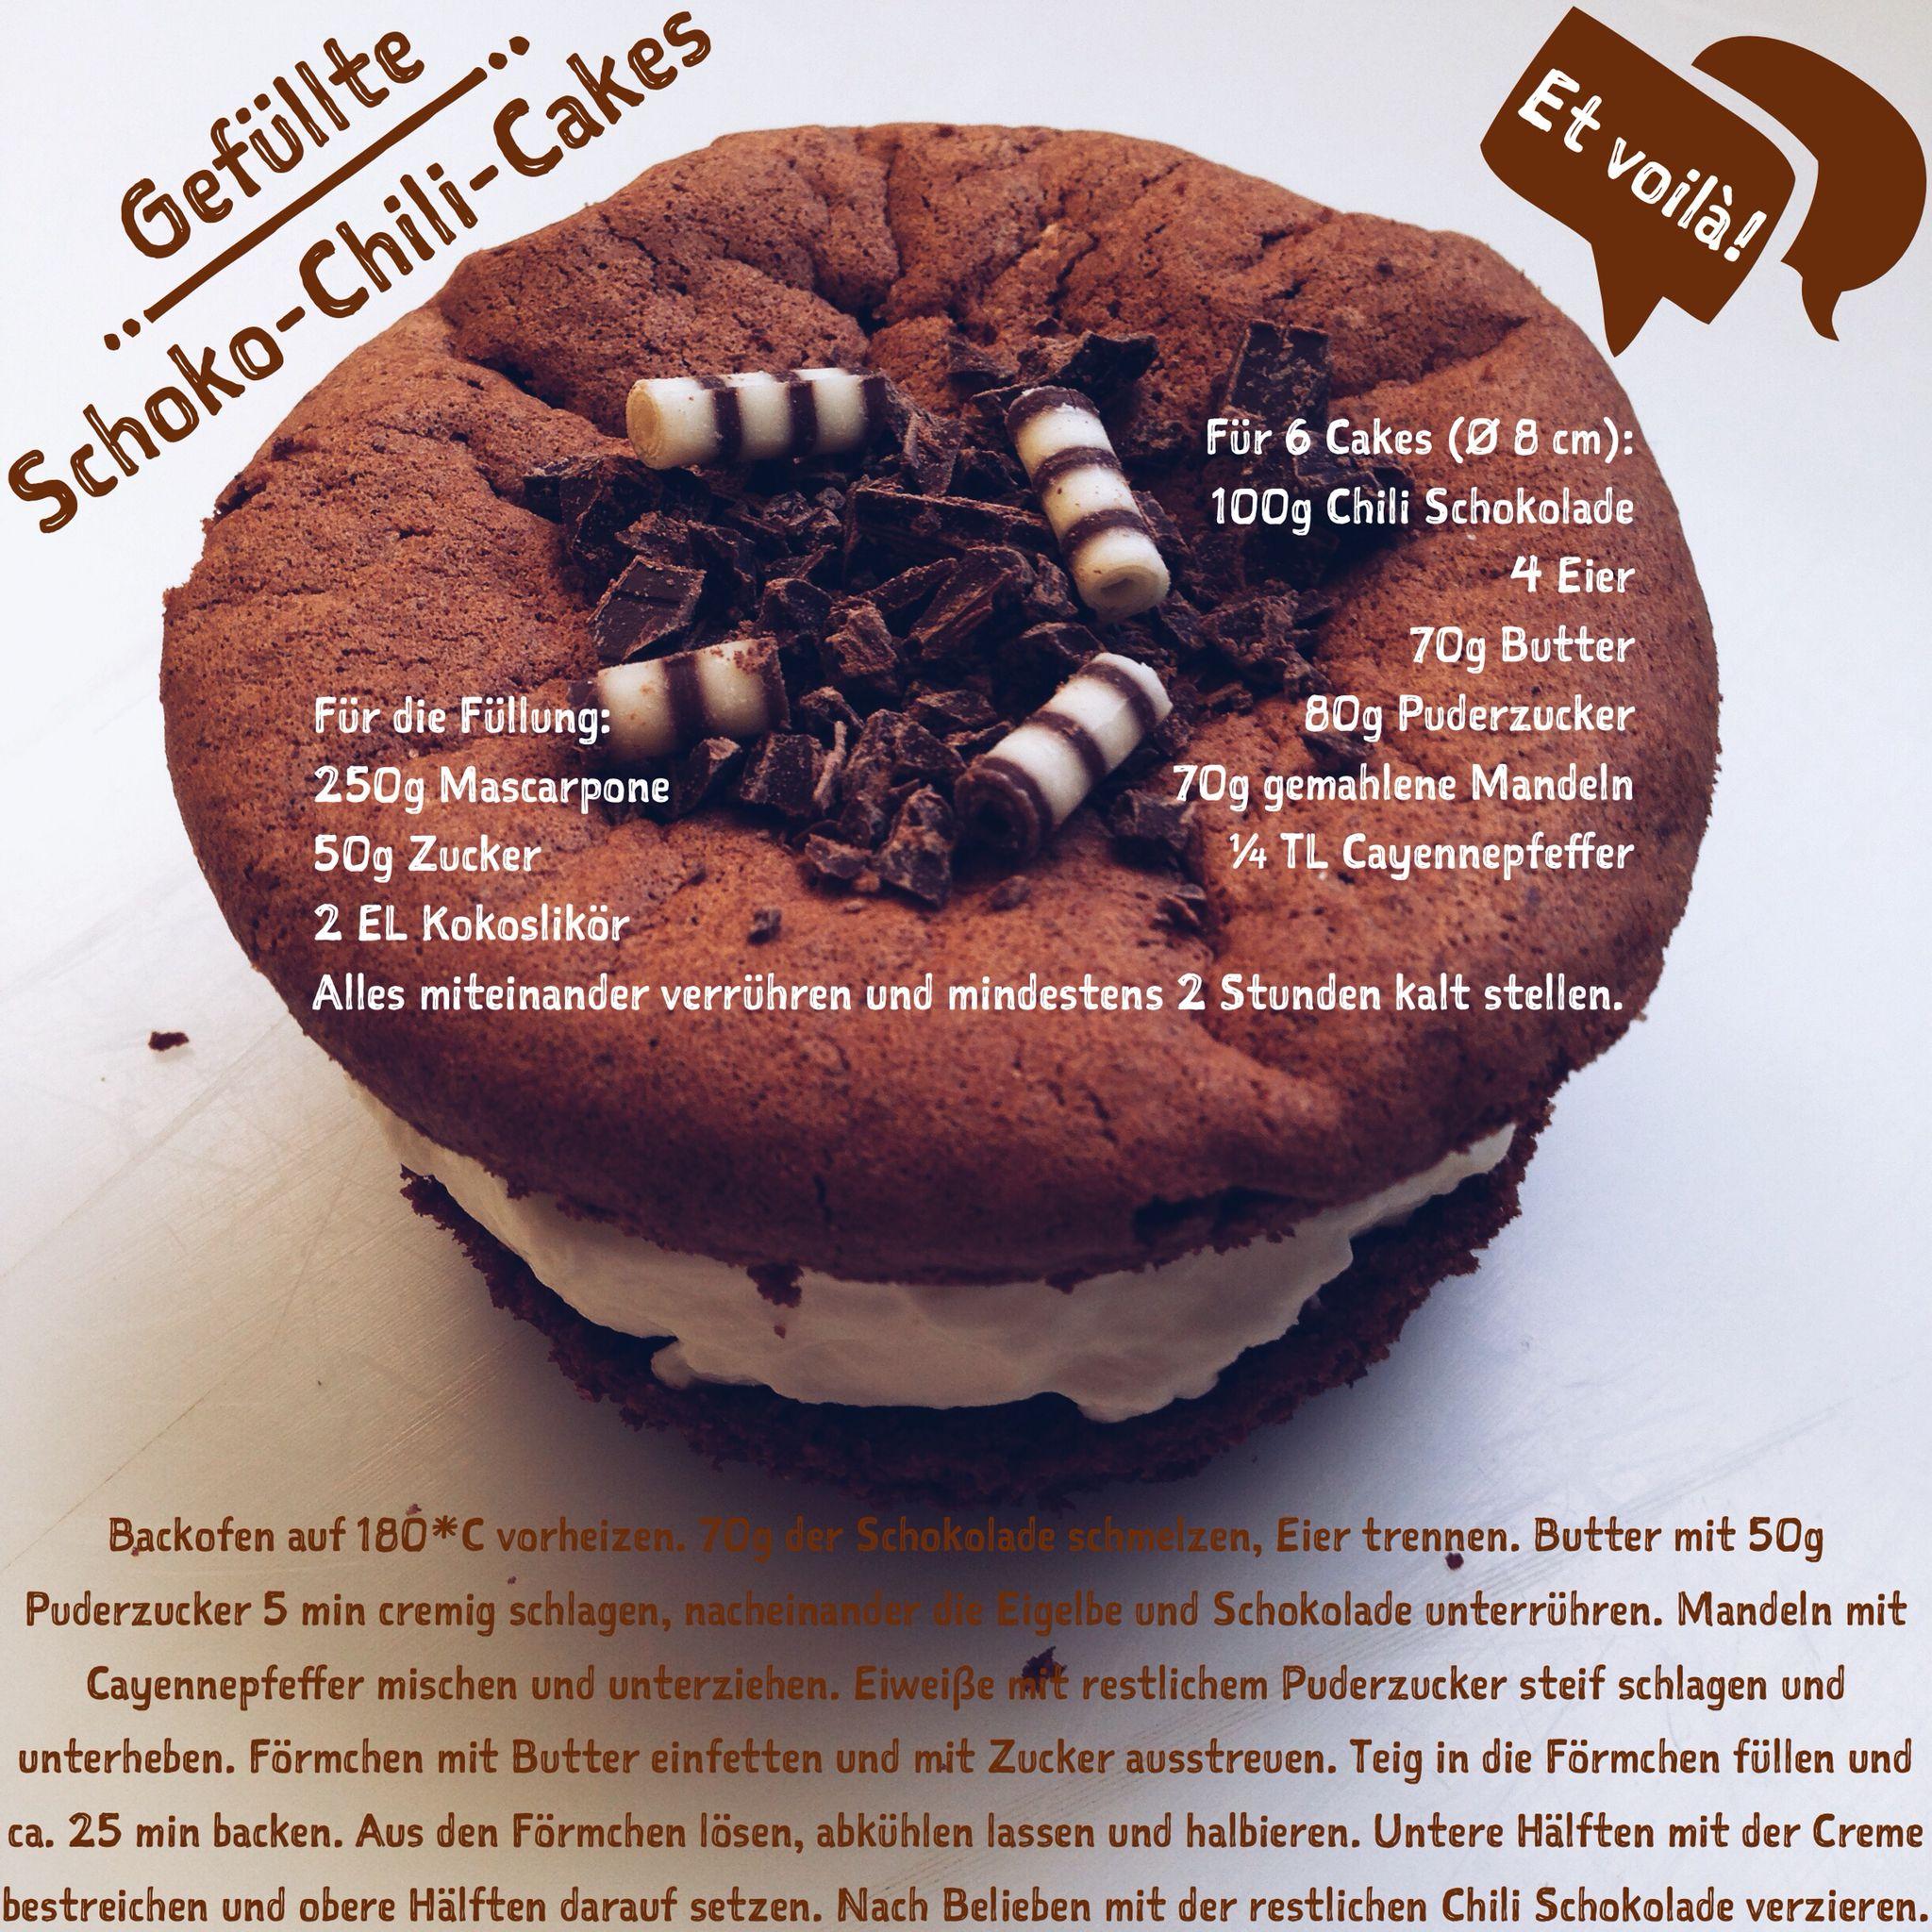 Rezept für Gefüllte Schoko-Chili-Cakes, et voilà!